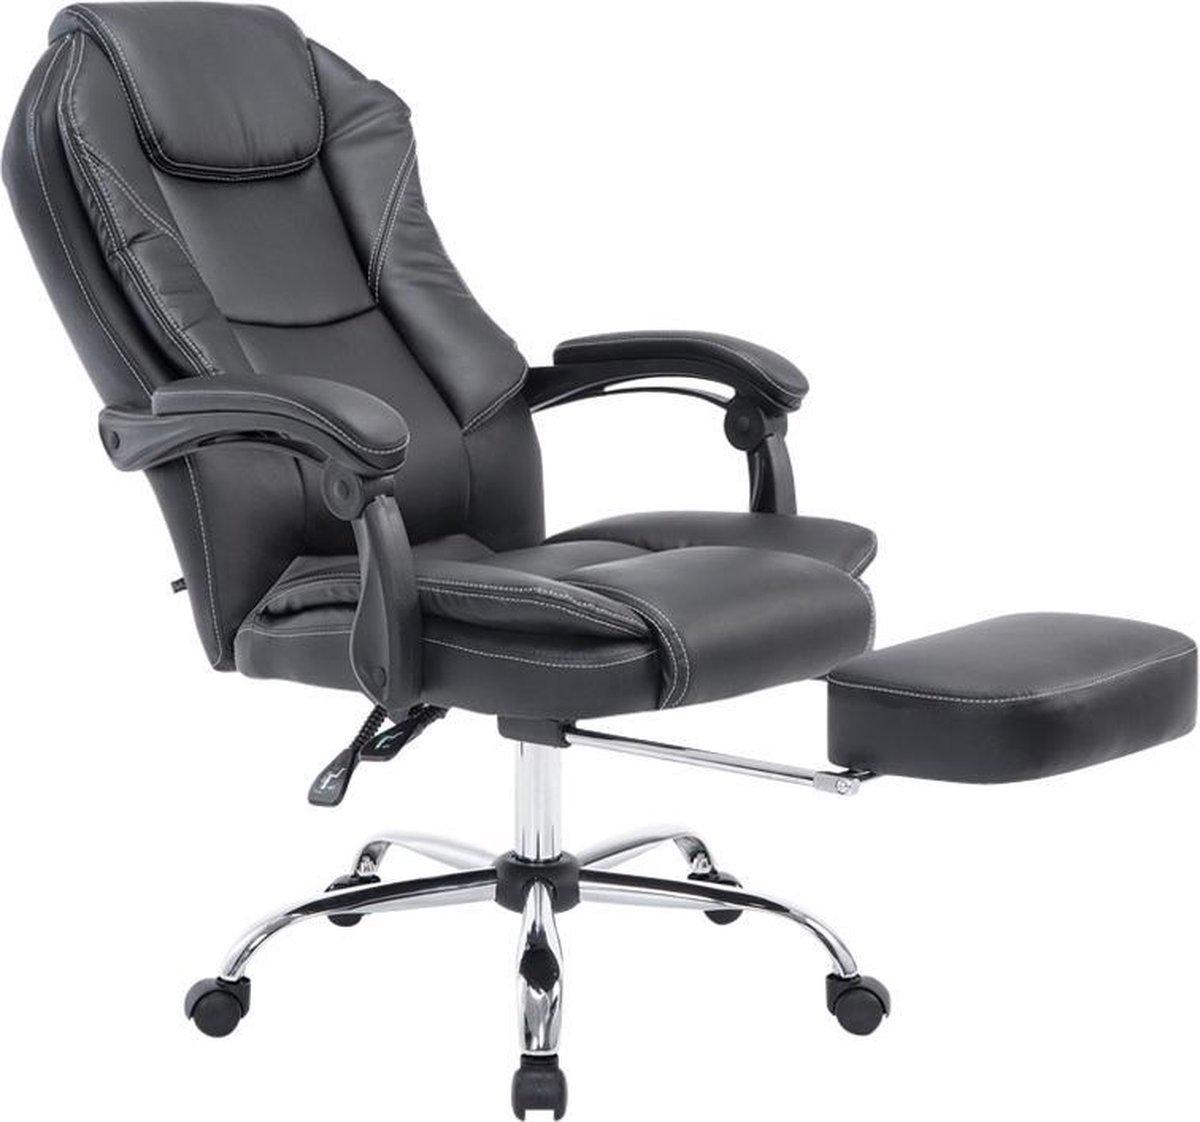 Bureaustoel - Ergonomische bureaustoel - Voetensteun - Kunstleer - Zwart - 64x67x114 cm